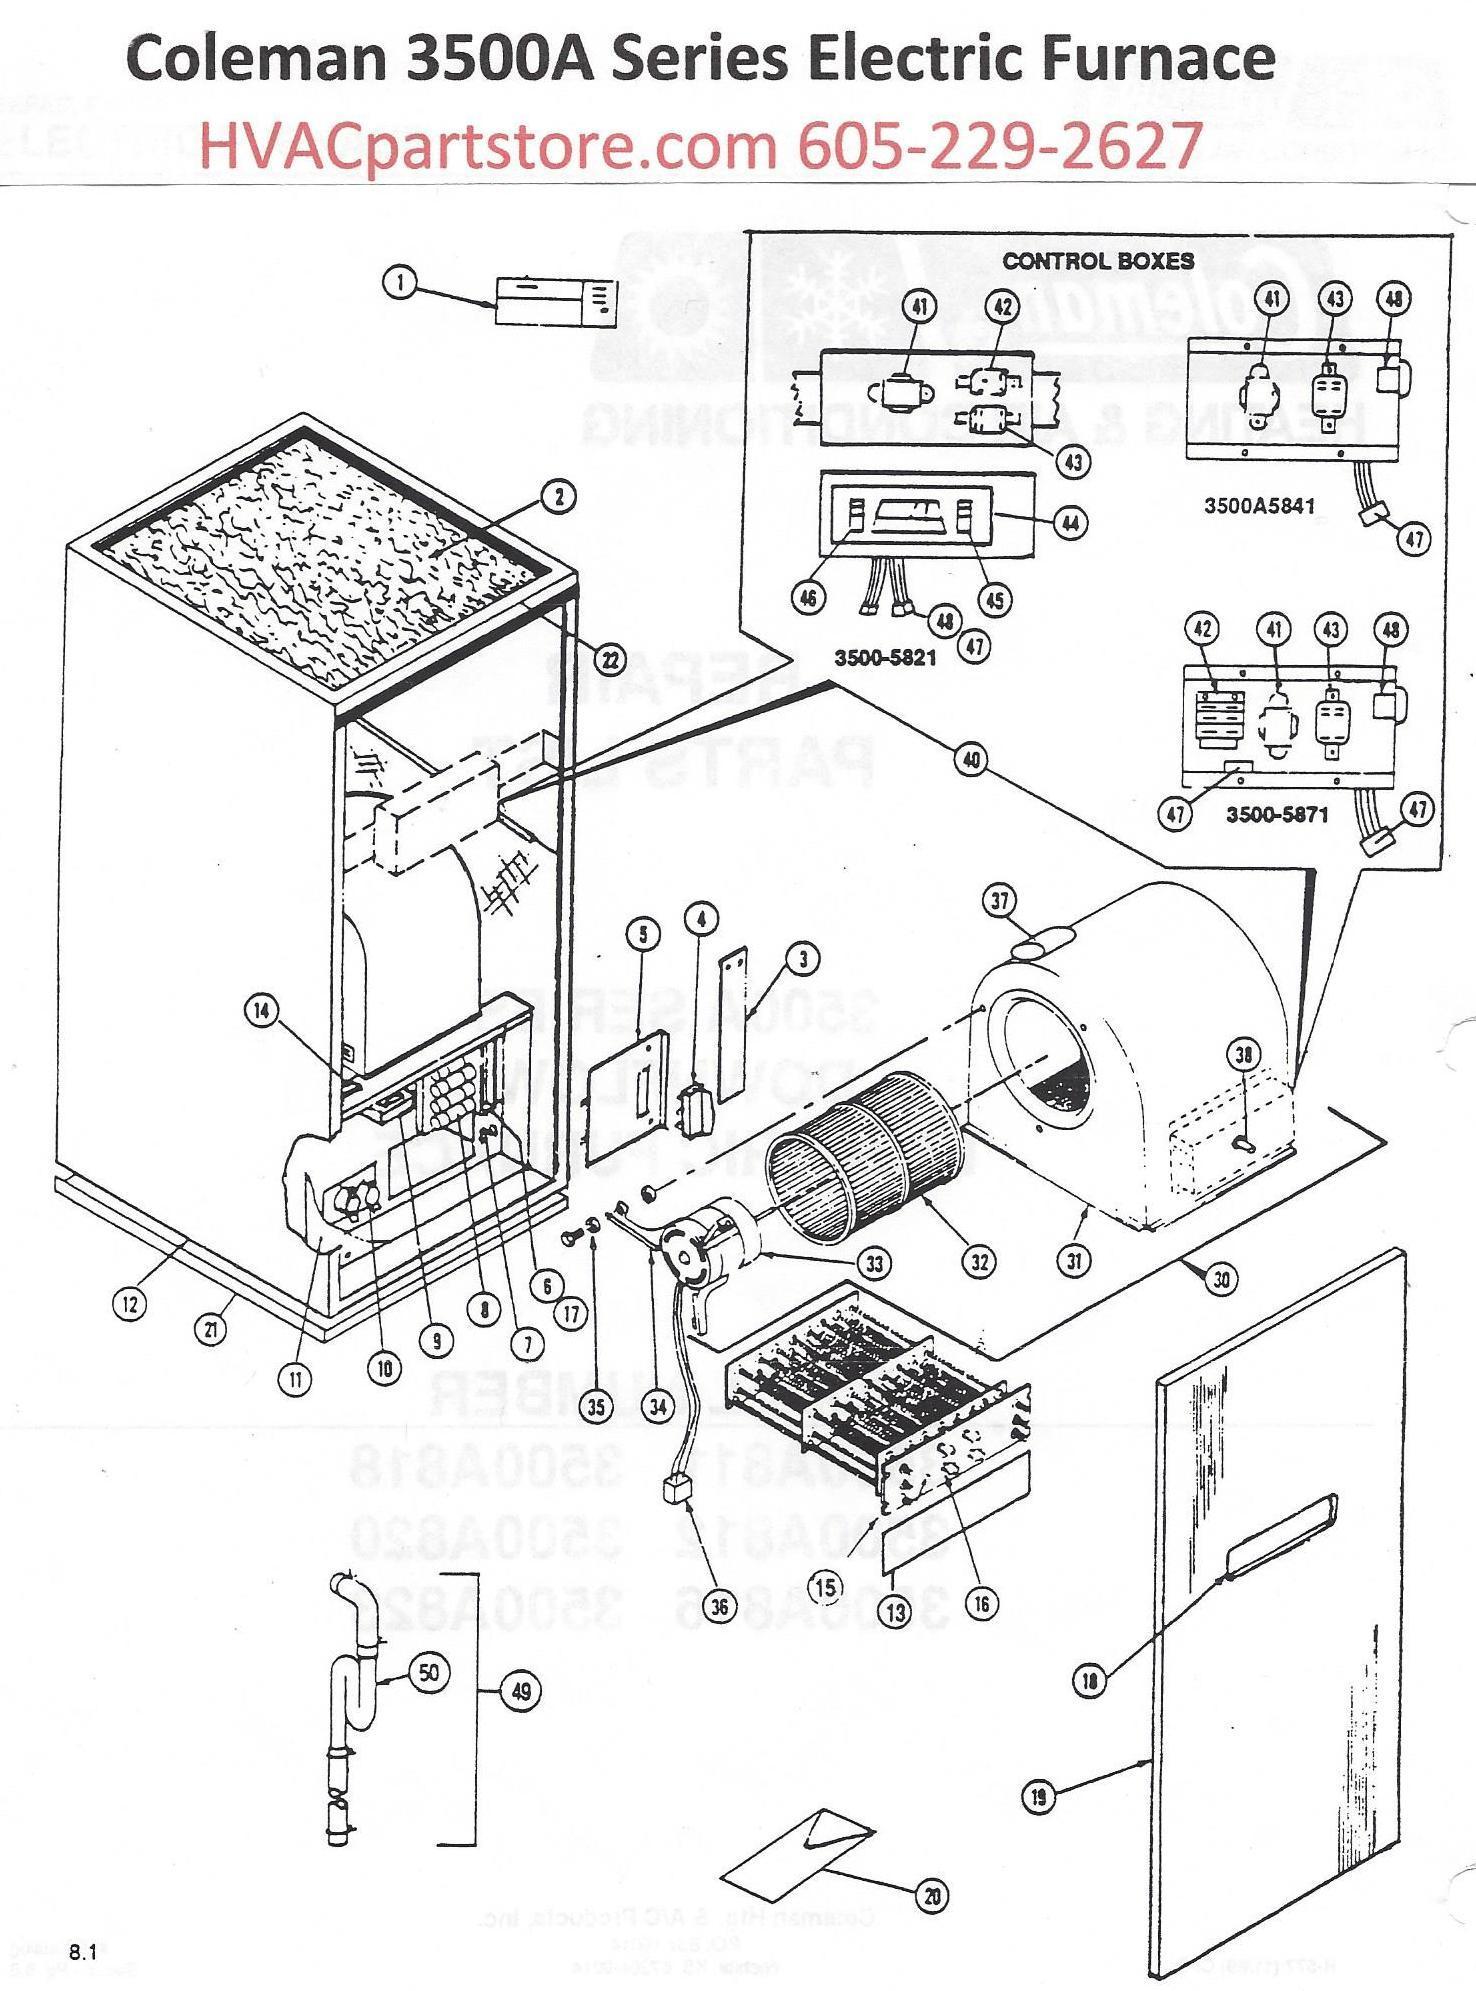 Awe Inspiring Elec Furnace Wiring Diagram Wiring Diagram Wiring Cloud Hisonepsysticxongrecoveryedborg